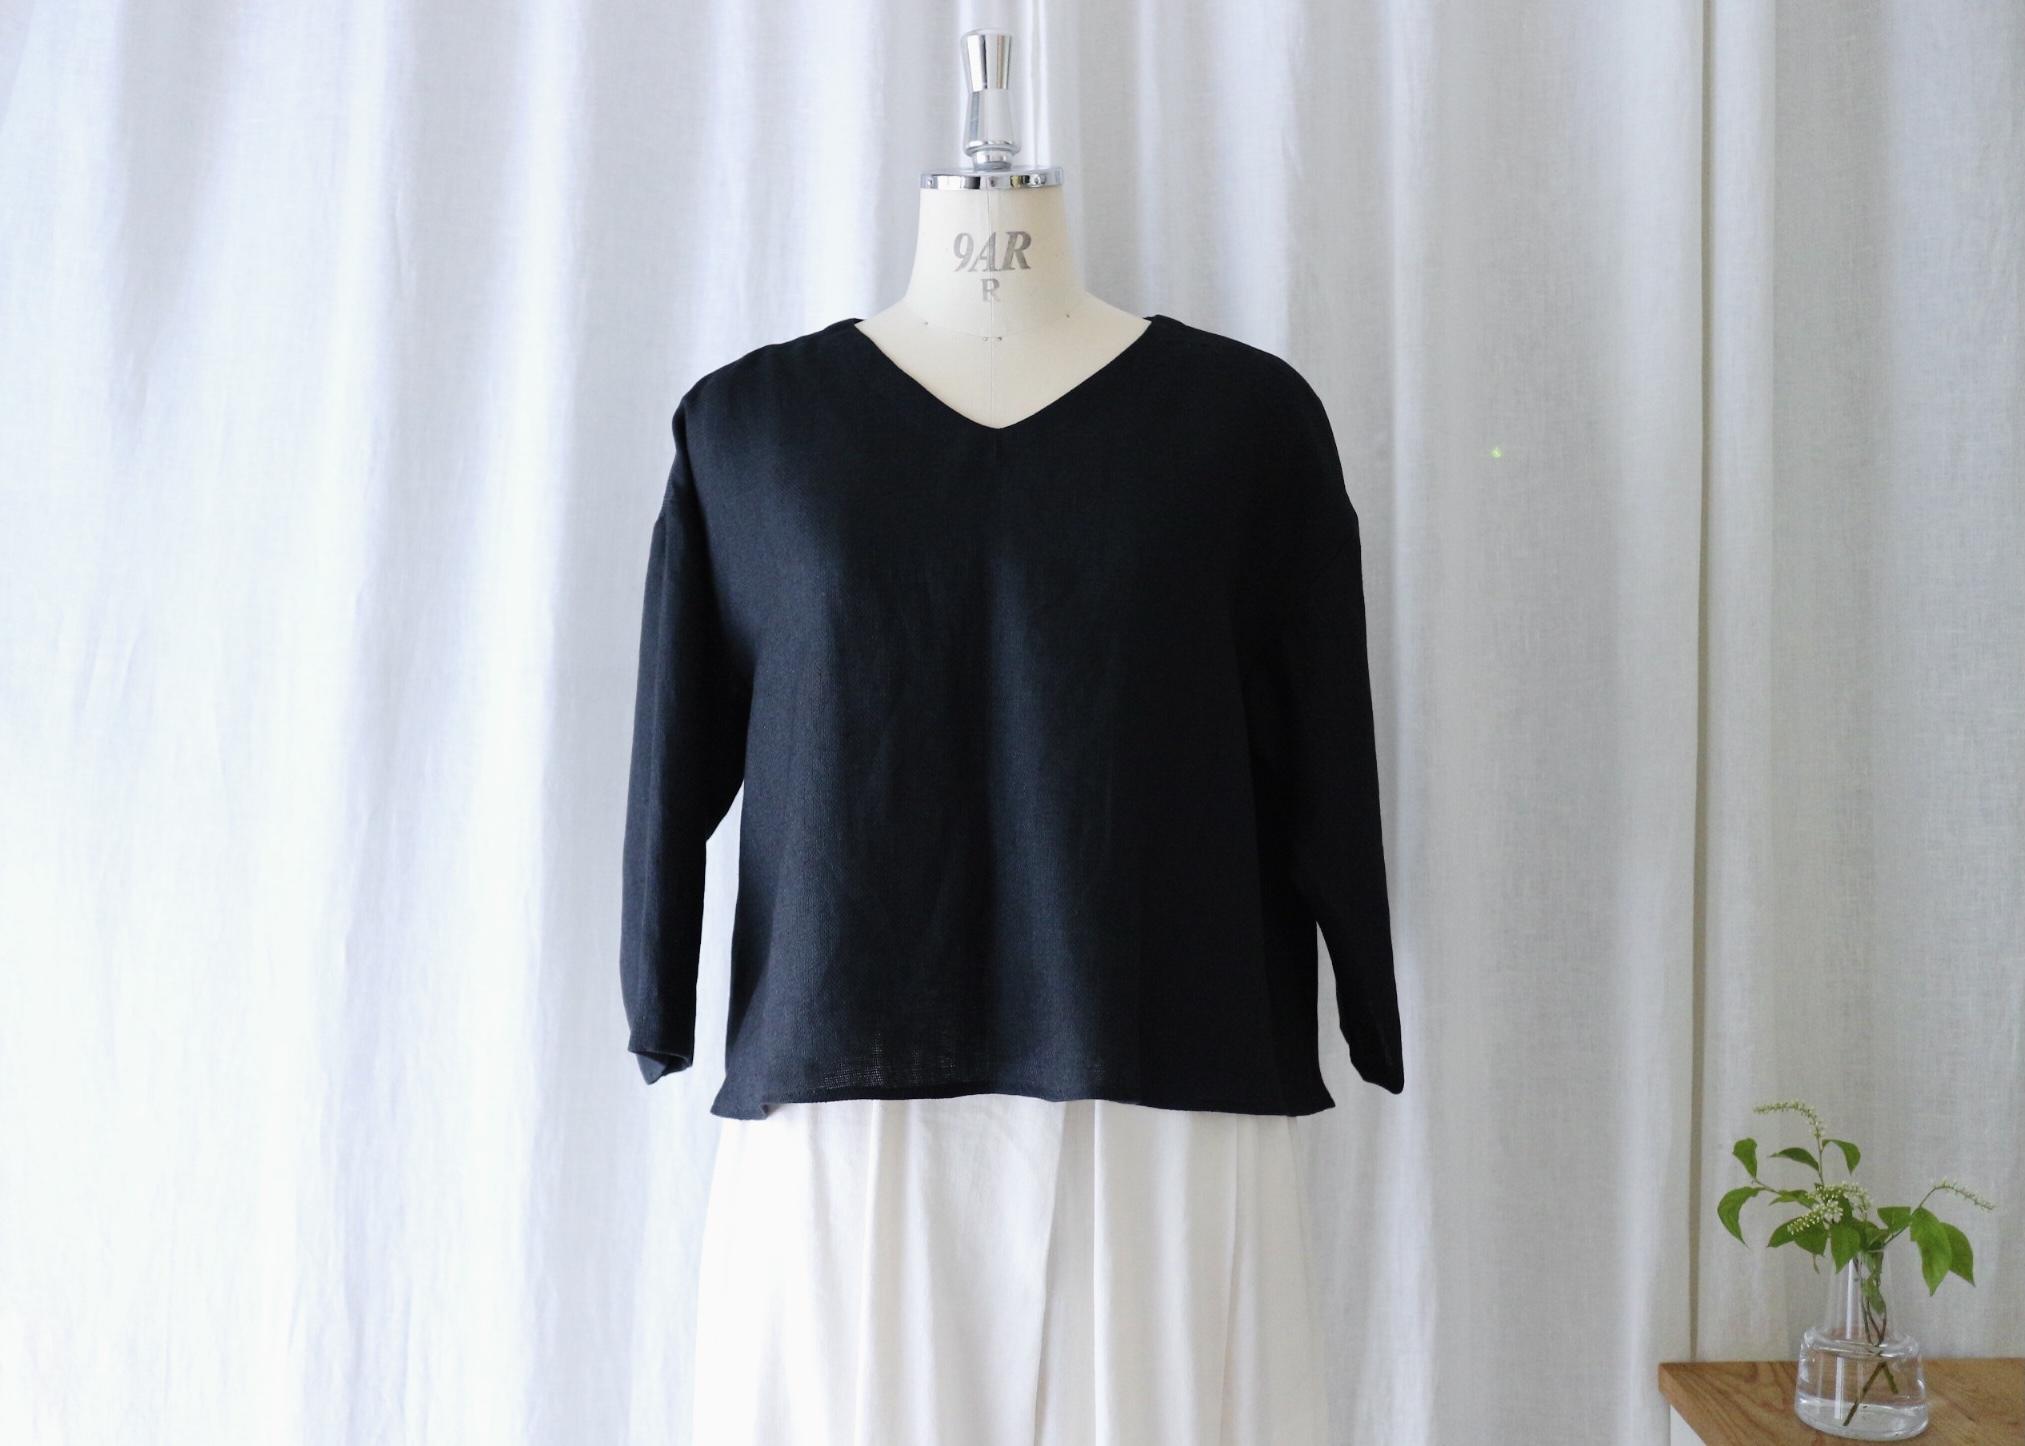 カジュアルにも、キレイめにも着れるプルオーバーフレアーブラウス 七分袖(ヴィンテージブラック) リネン100%